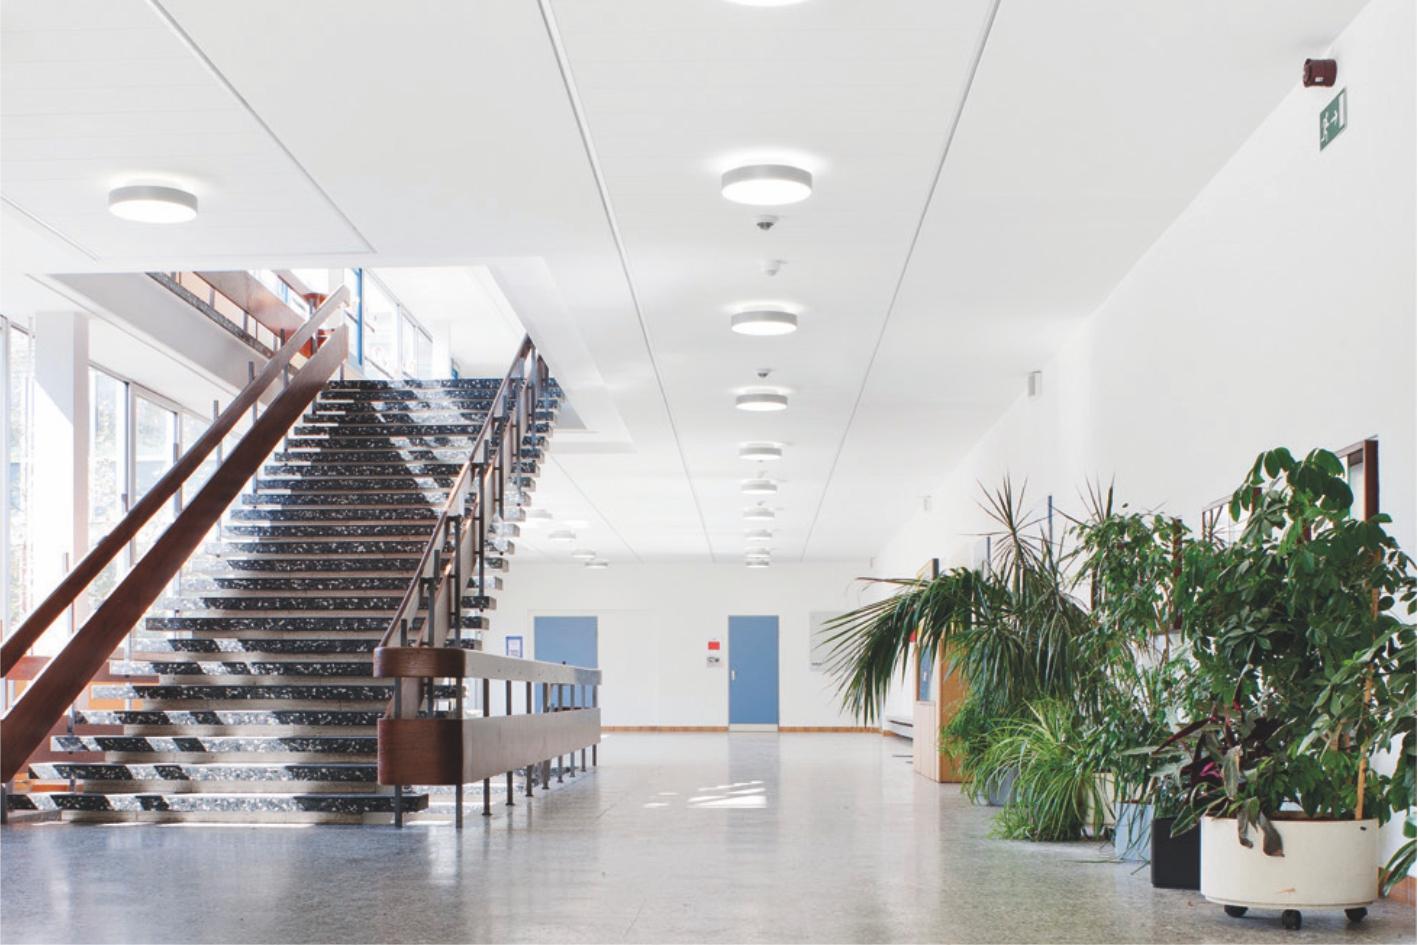 system-f-sufit-przymocowany-do-sciany-system-korytarzowy